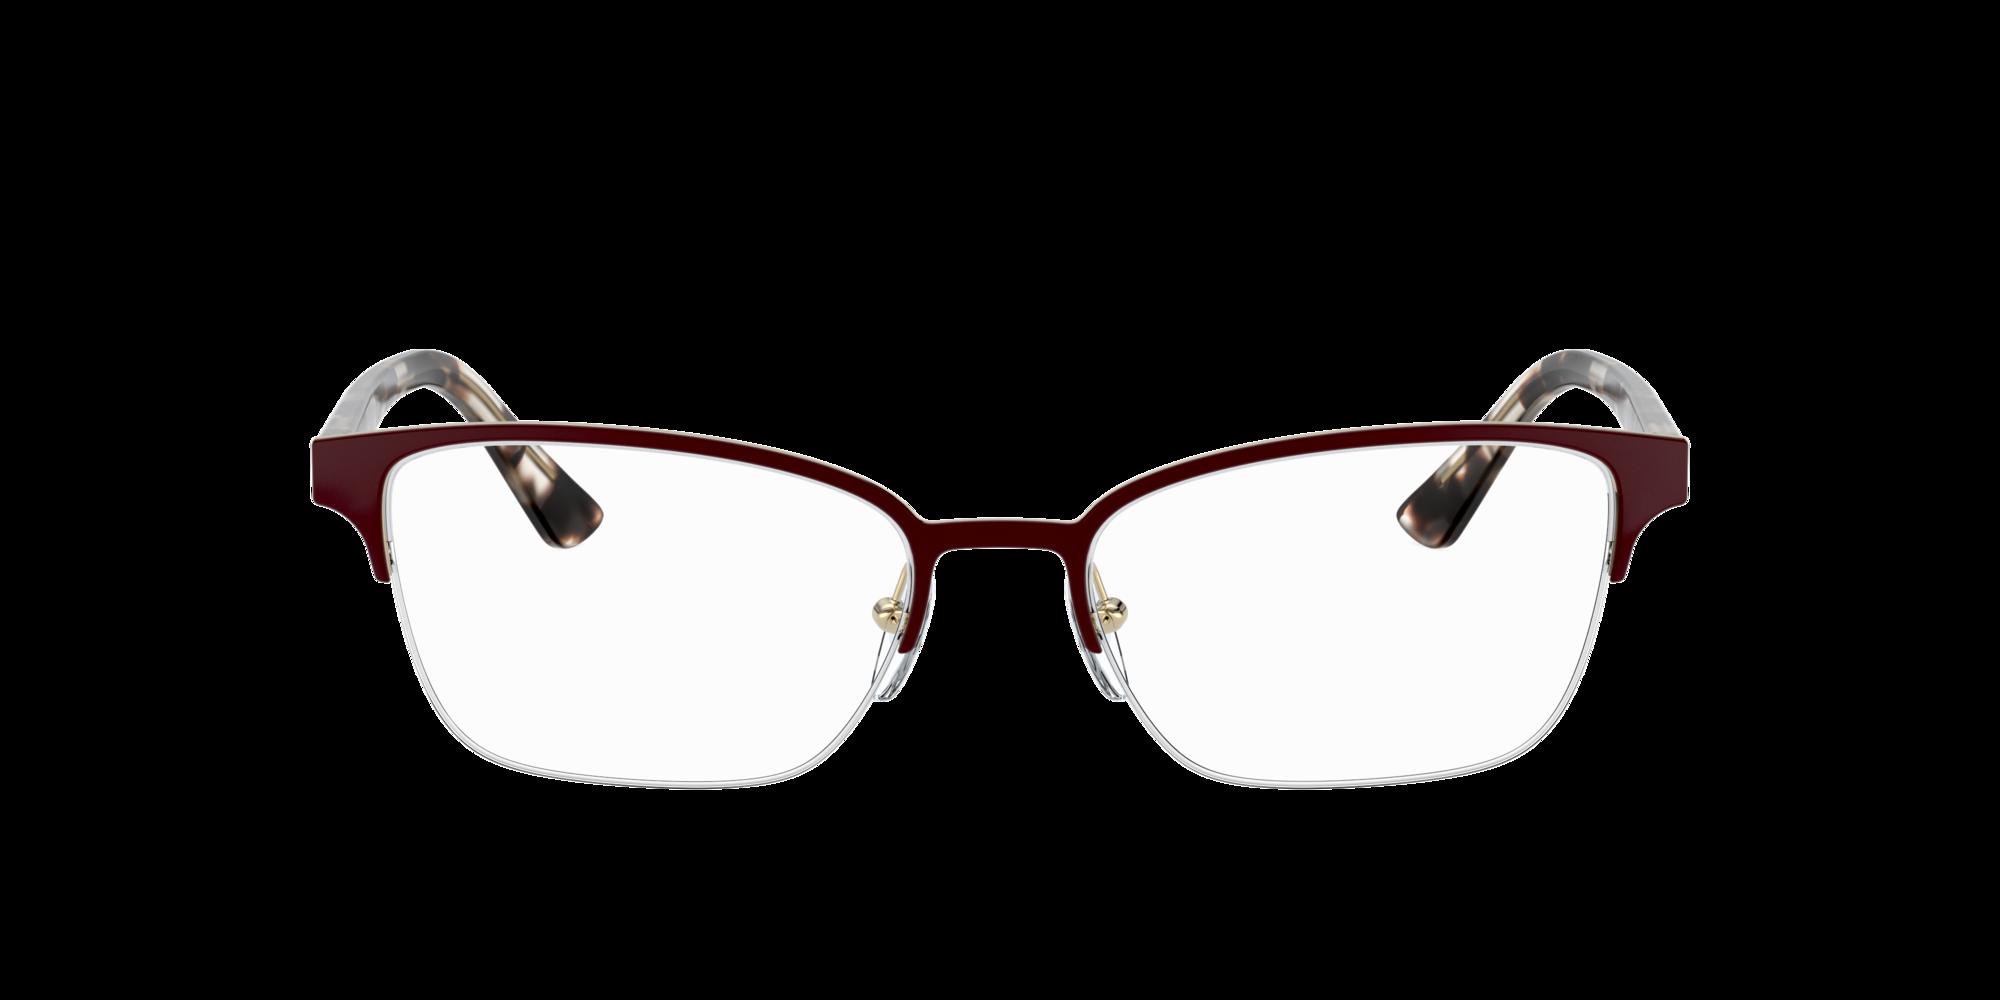 Imagen para PR 61XV MILLENNIALS de LensCrafters |  Espejuelos, espejuelos graduados en línea, gafas